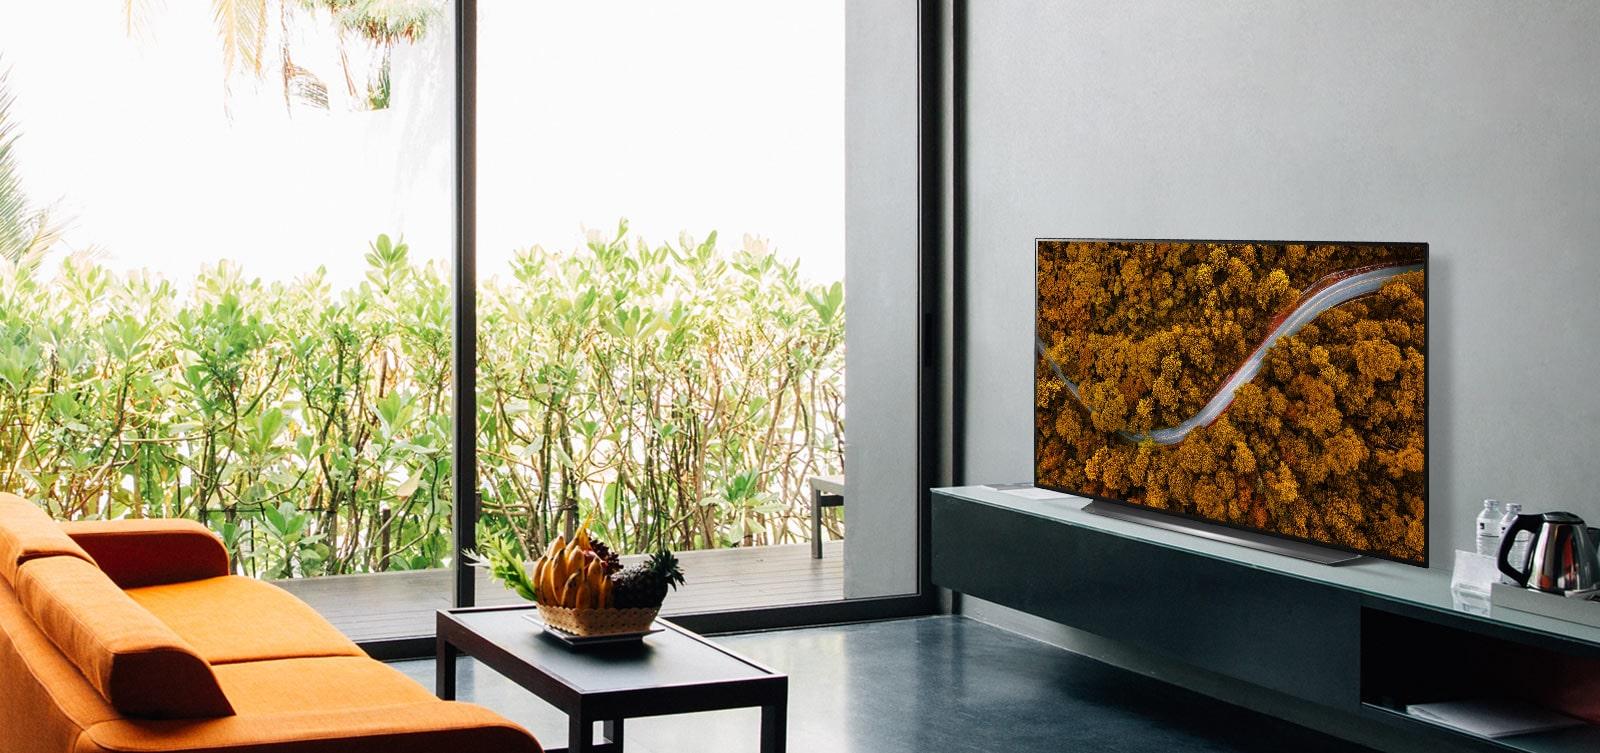 Phòng khách với ghế sofa và TV cho thấy khung cảnh thiên nhiên trên không